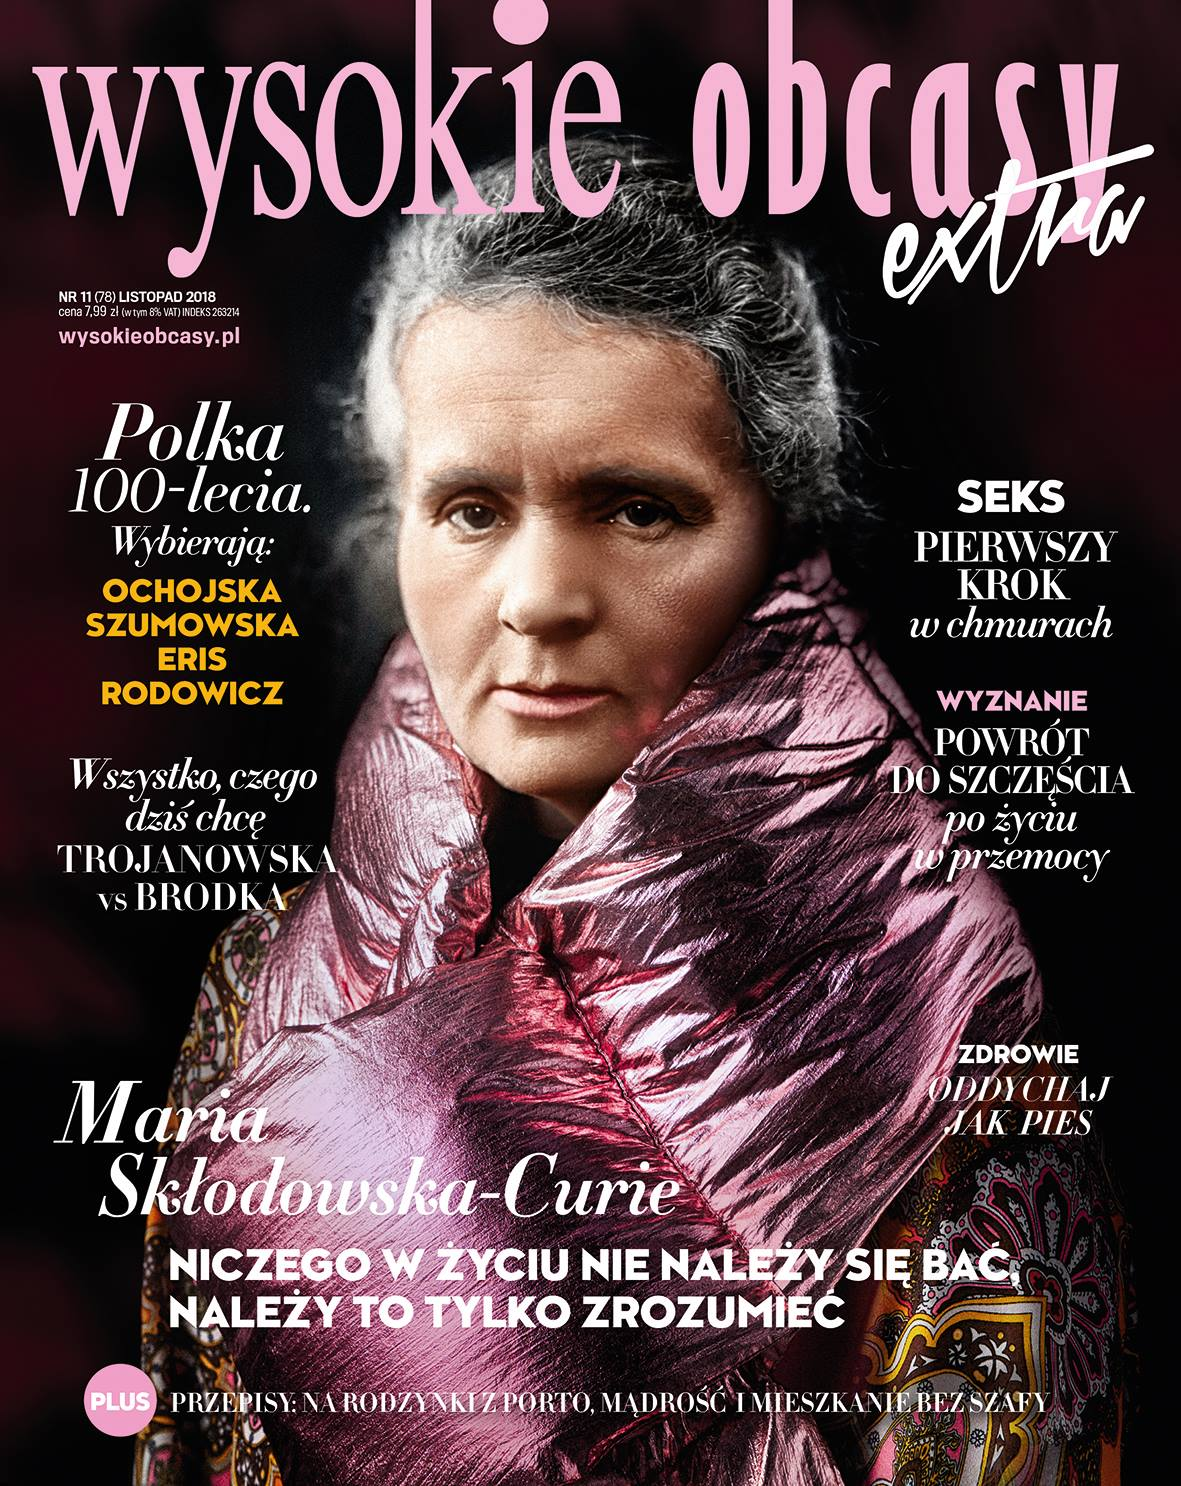 Weekend Zniżek z magazynem Wysokie Obcasy Extra - Extra Zakupy - 26-28 października 2018                         title=